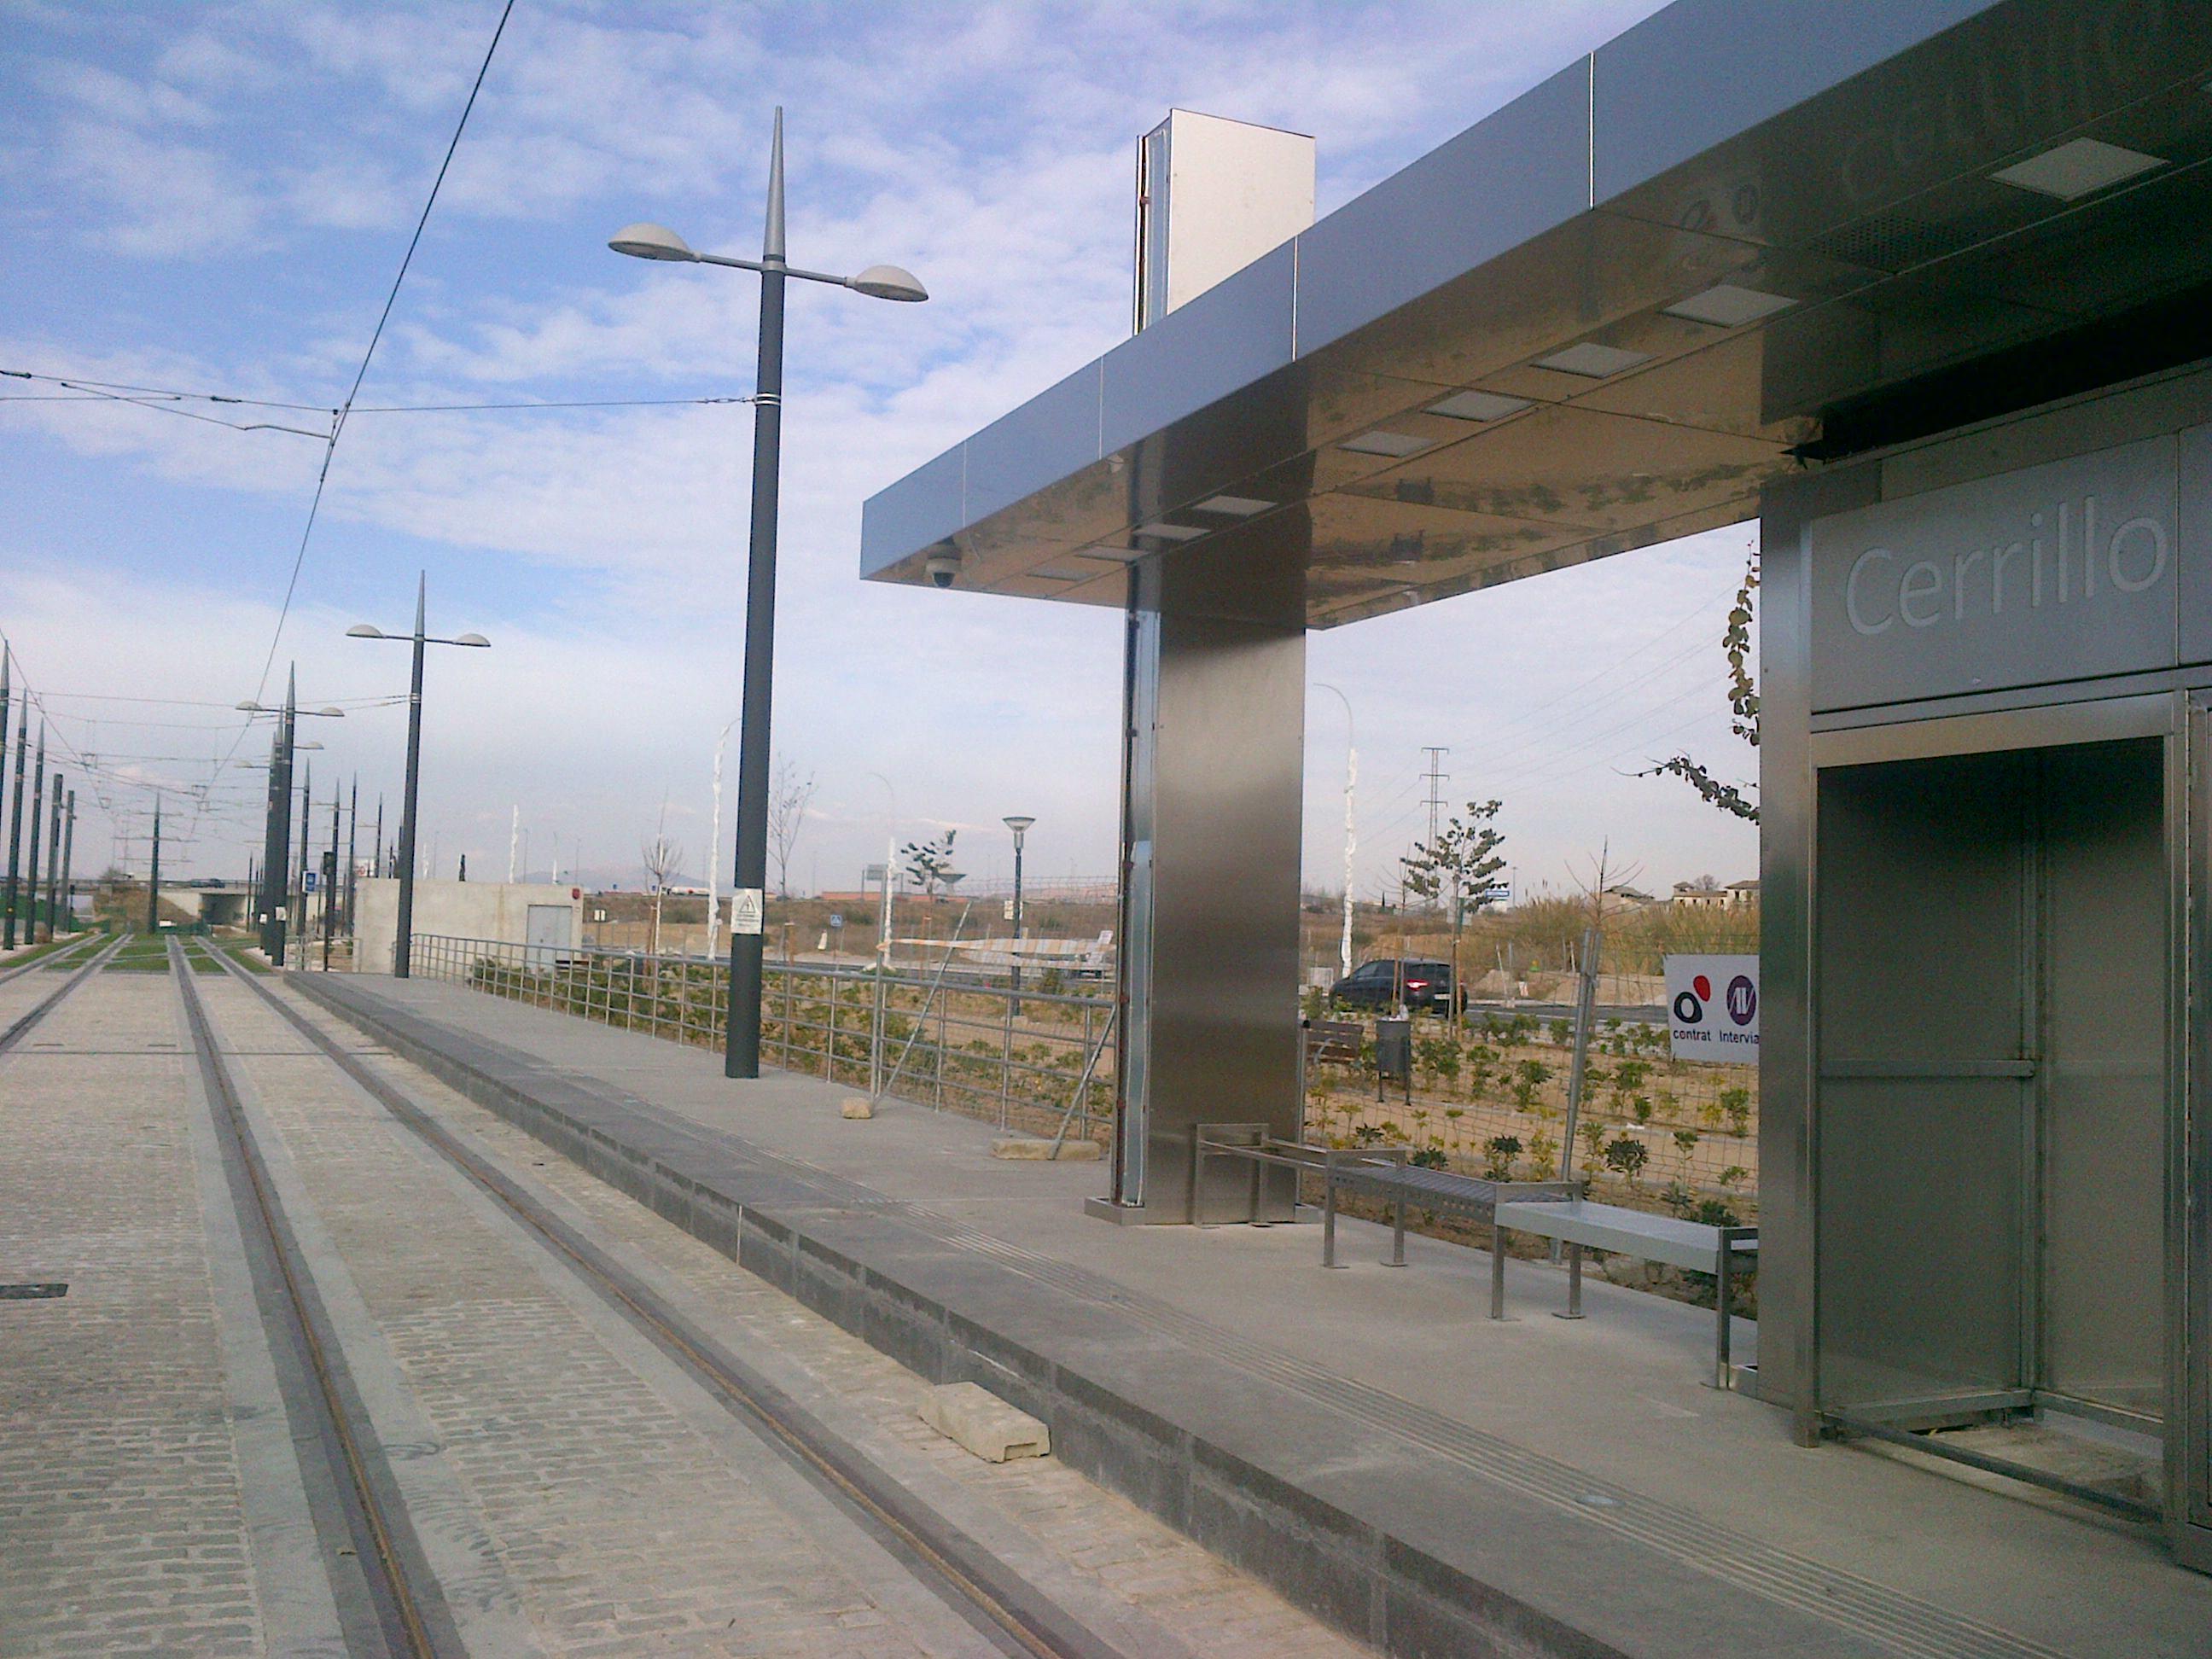 imagen de la parada de Cerillo Maracena, la primera en dispone de las marquesinas instaladas.